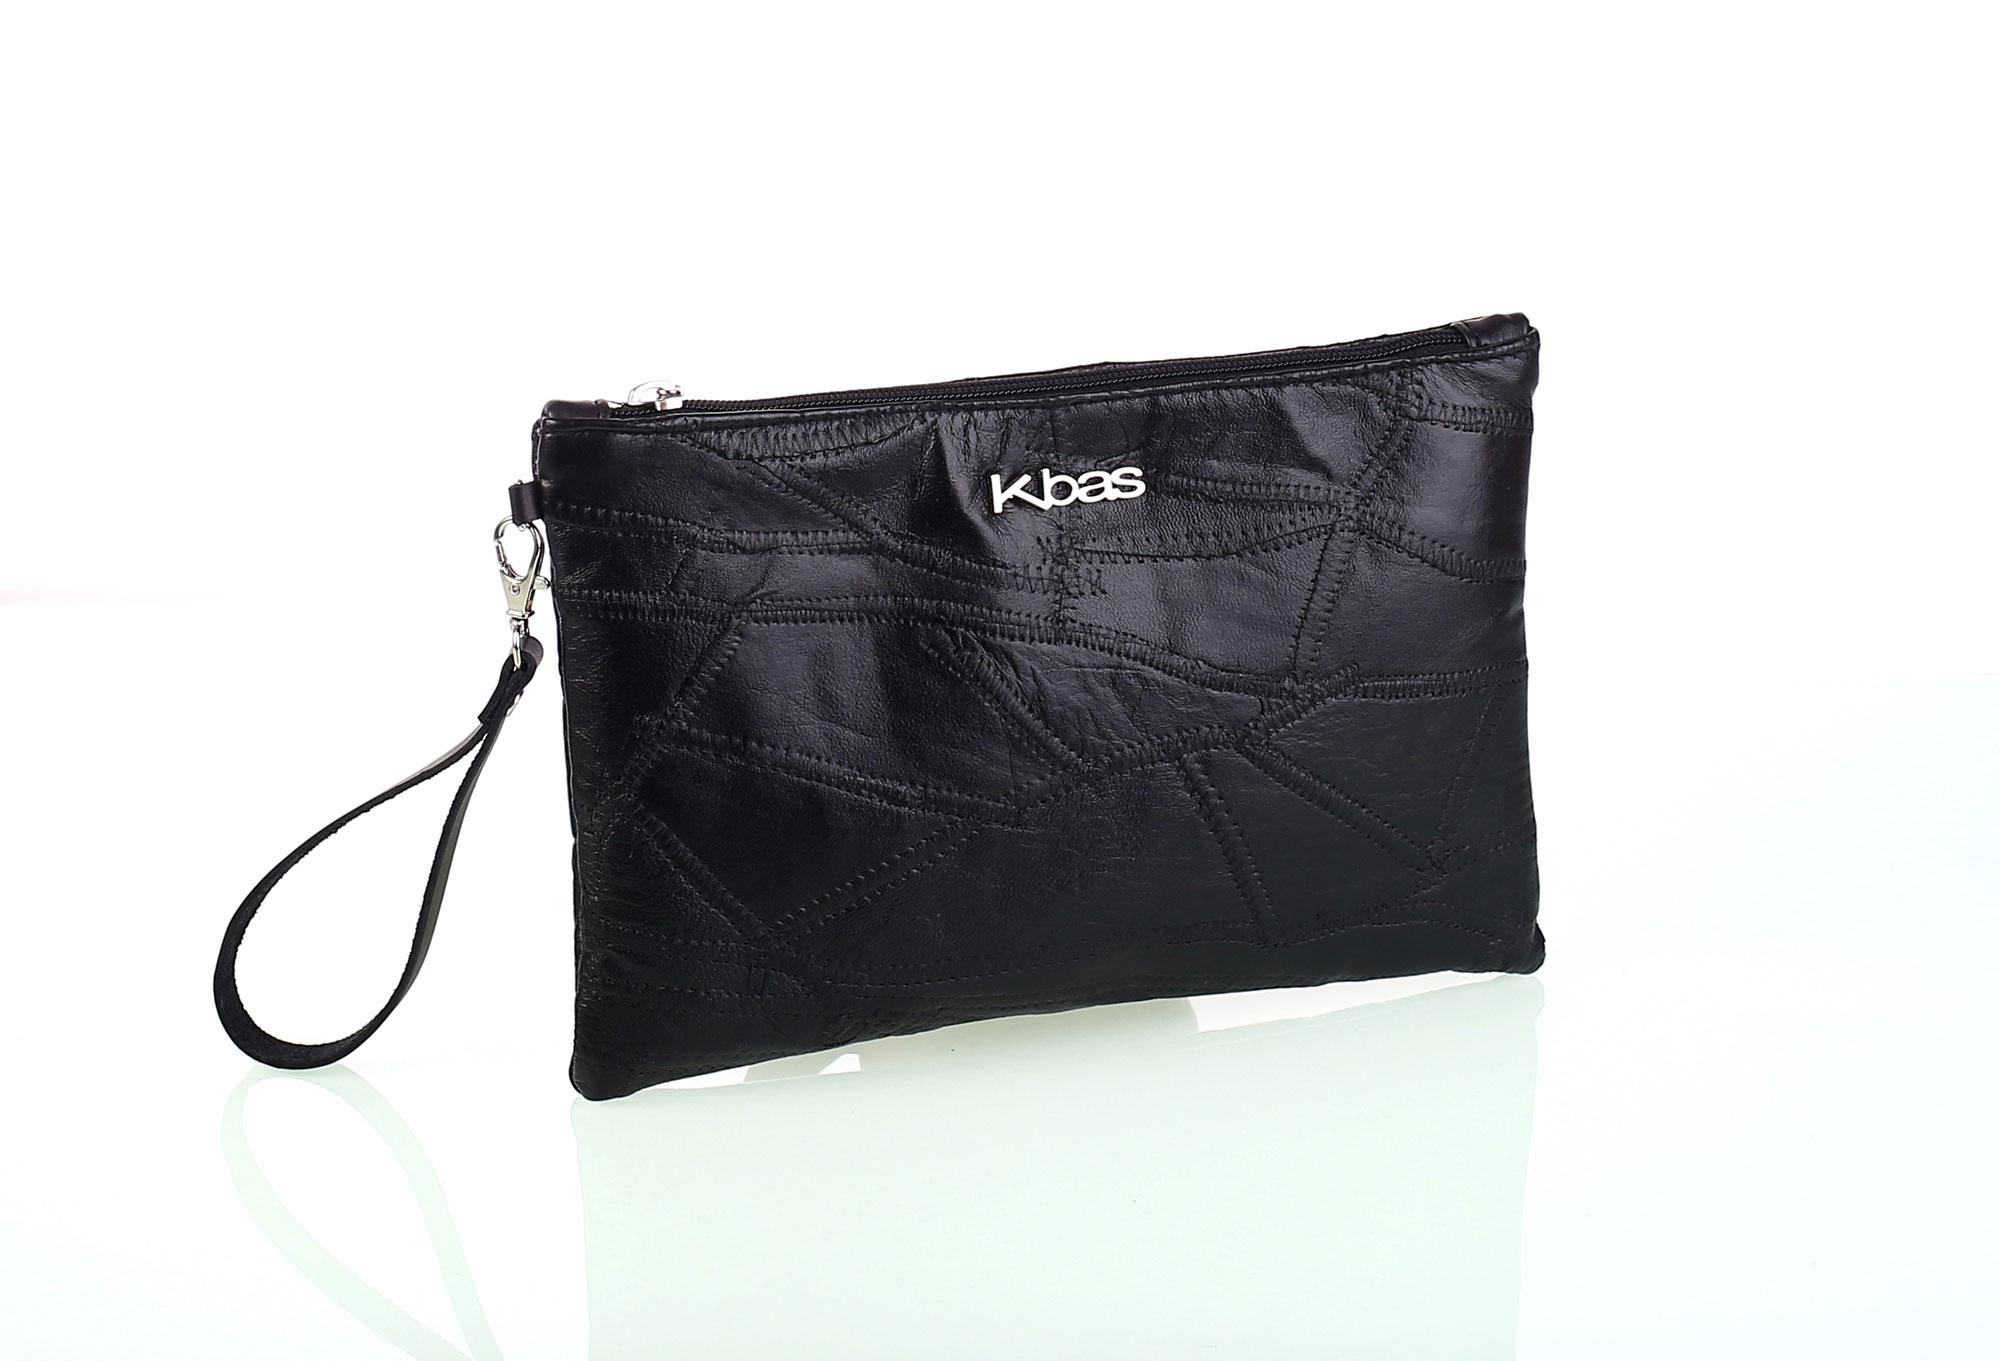 Dámska listová kožená kabelka Kbas čierna - Glami.sk a34a35f4e78